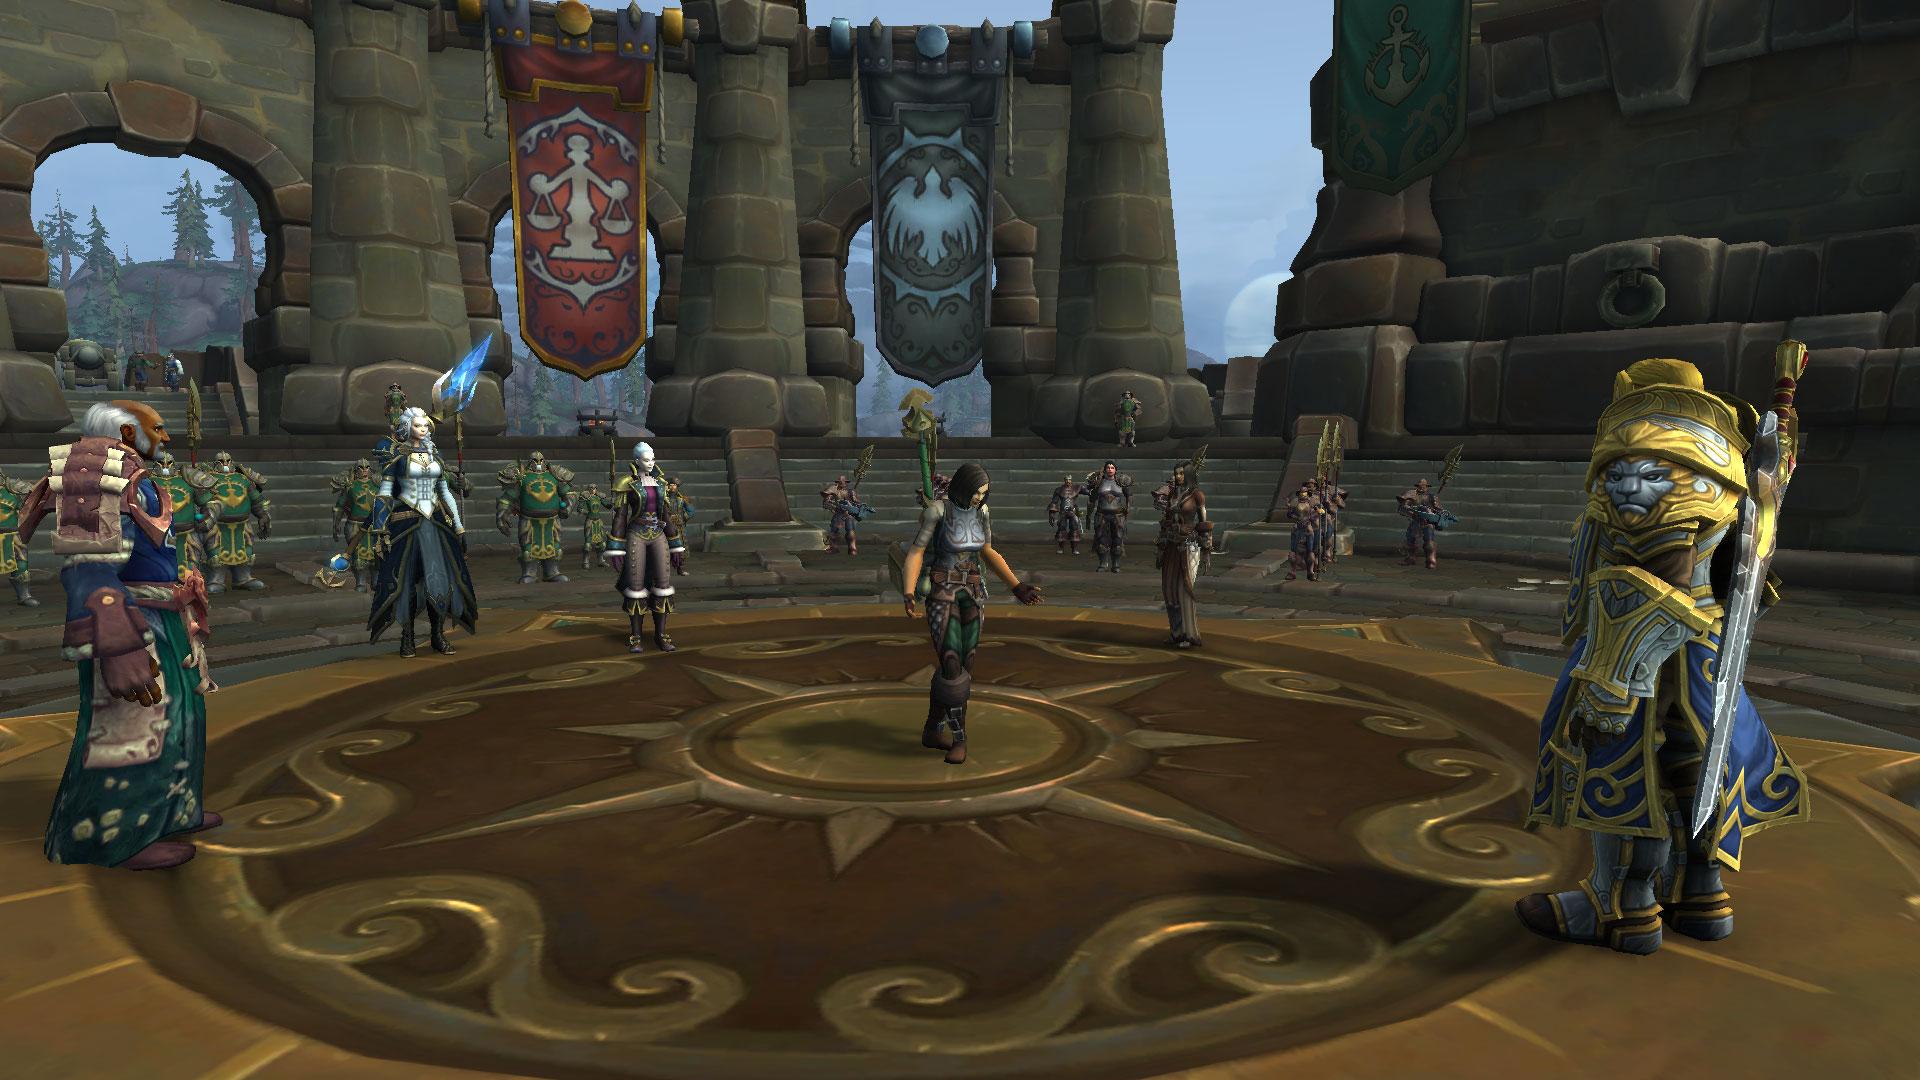 Taelia, personnage central des quêtes de Kul Tiras, est la fille de Bolvar Fordragon, l'actuel roi-liche